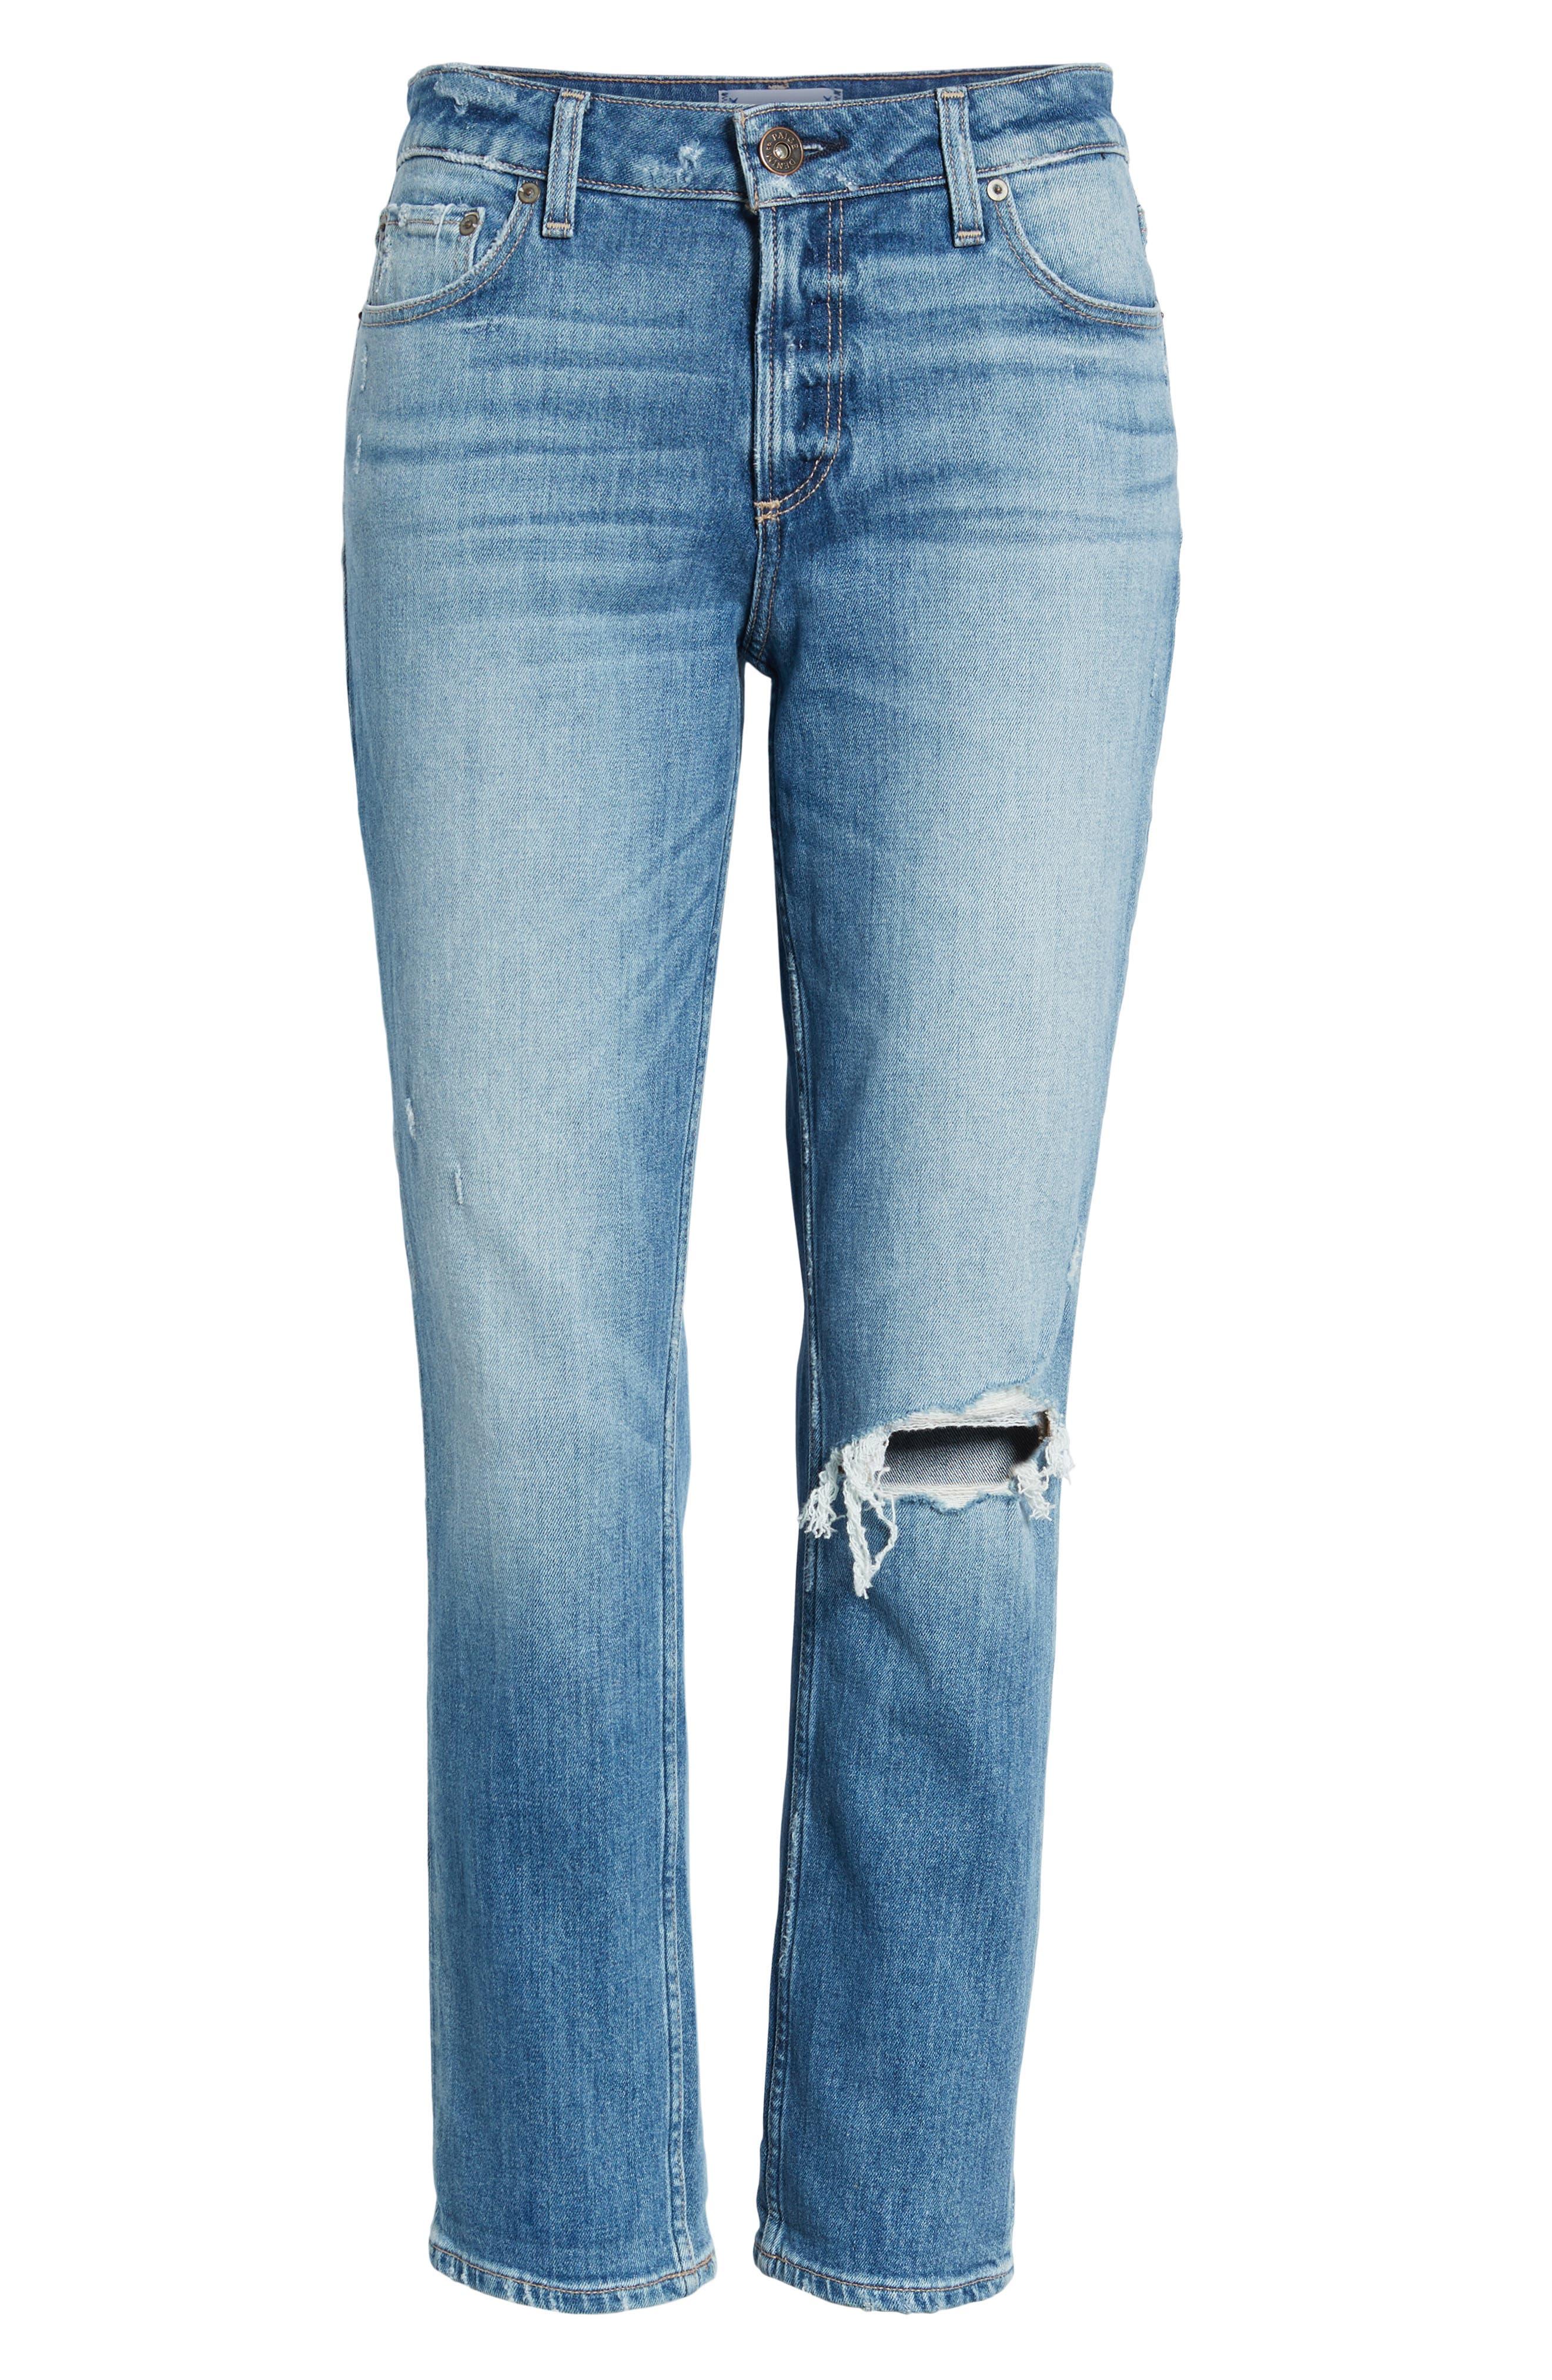 Brigitte Ripped Crop Boyfriend Jeans,                             Alternate thumbnail 7, color,                             BROOKVIEW DESTRUCTED